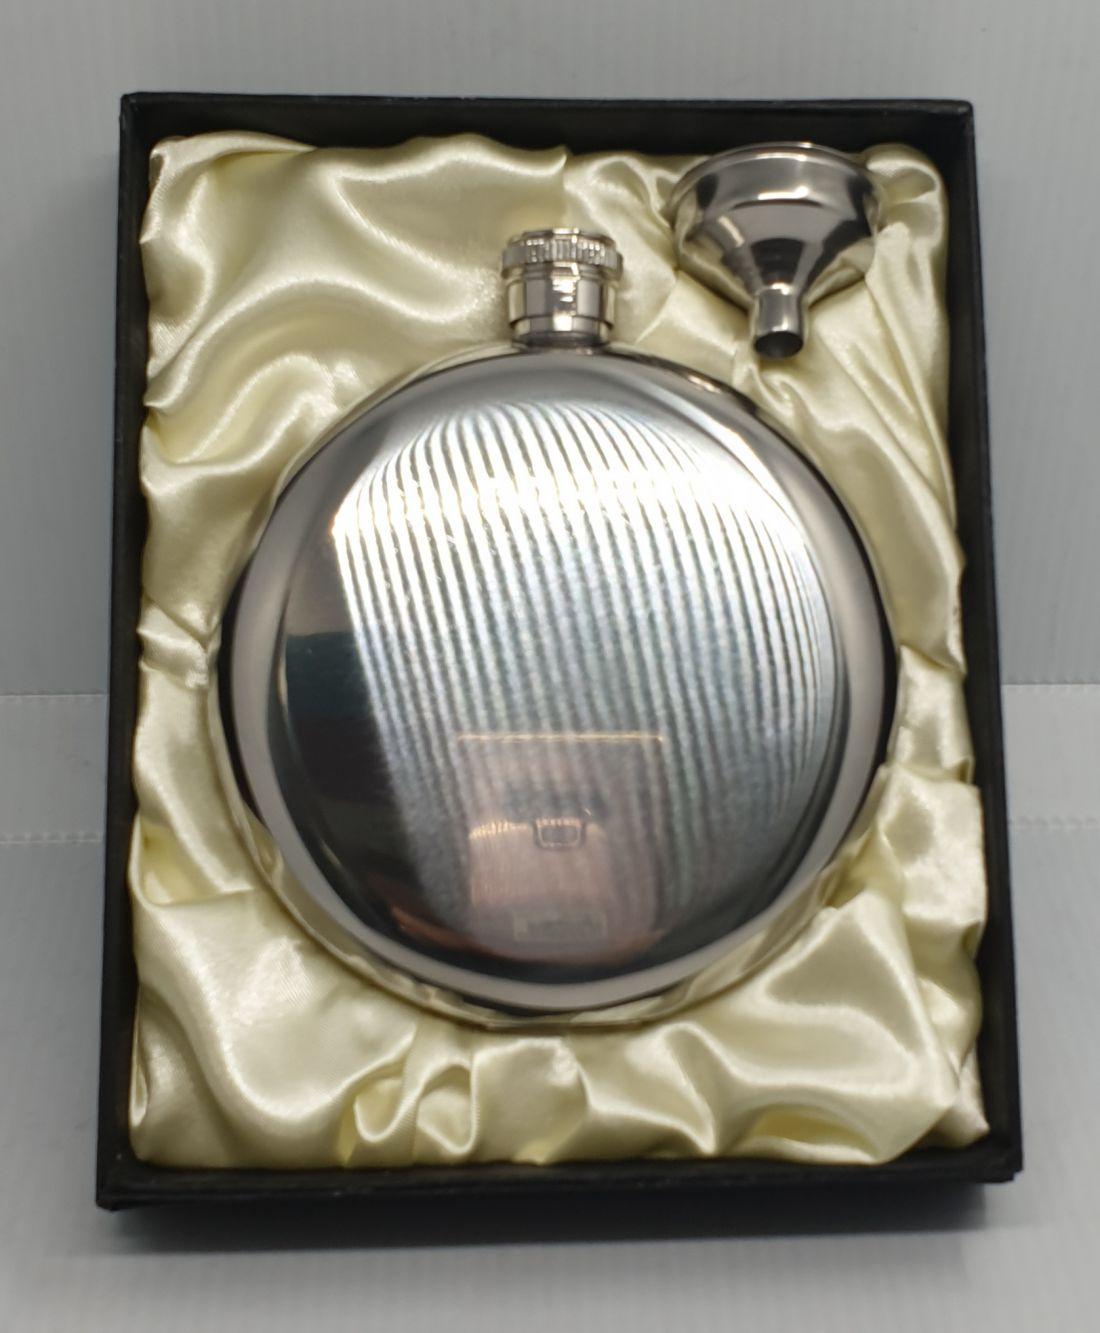 Flaska - kör alakú, díszdobozban